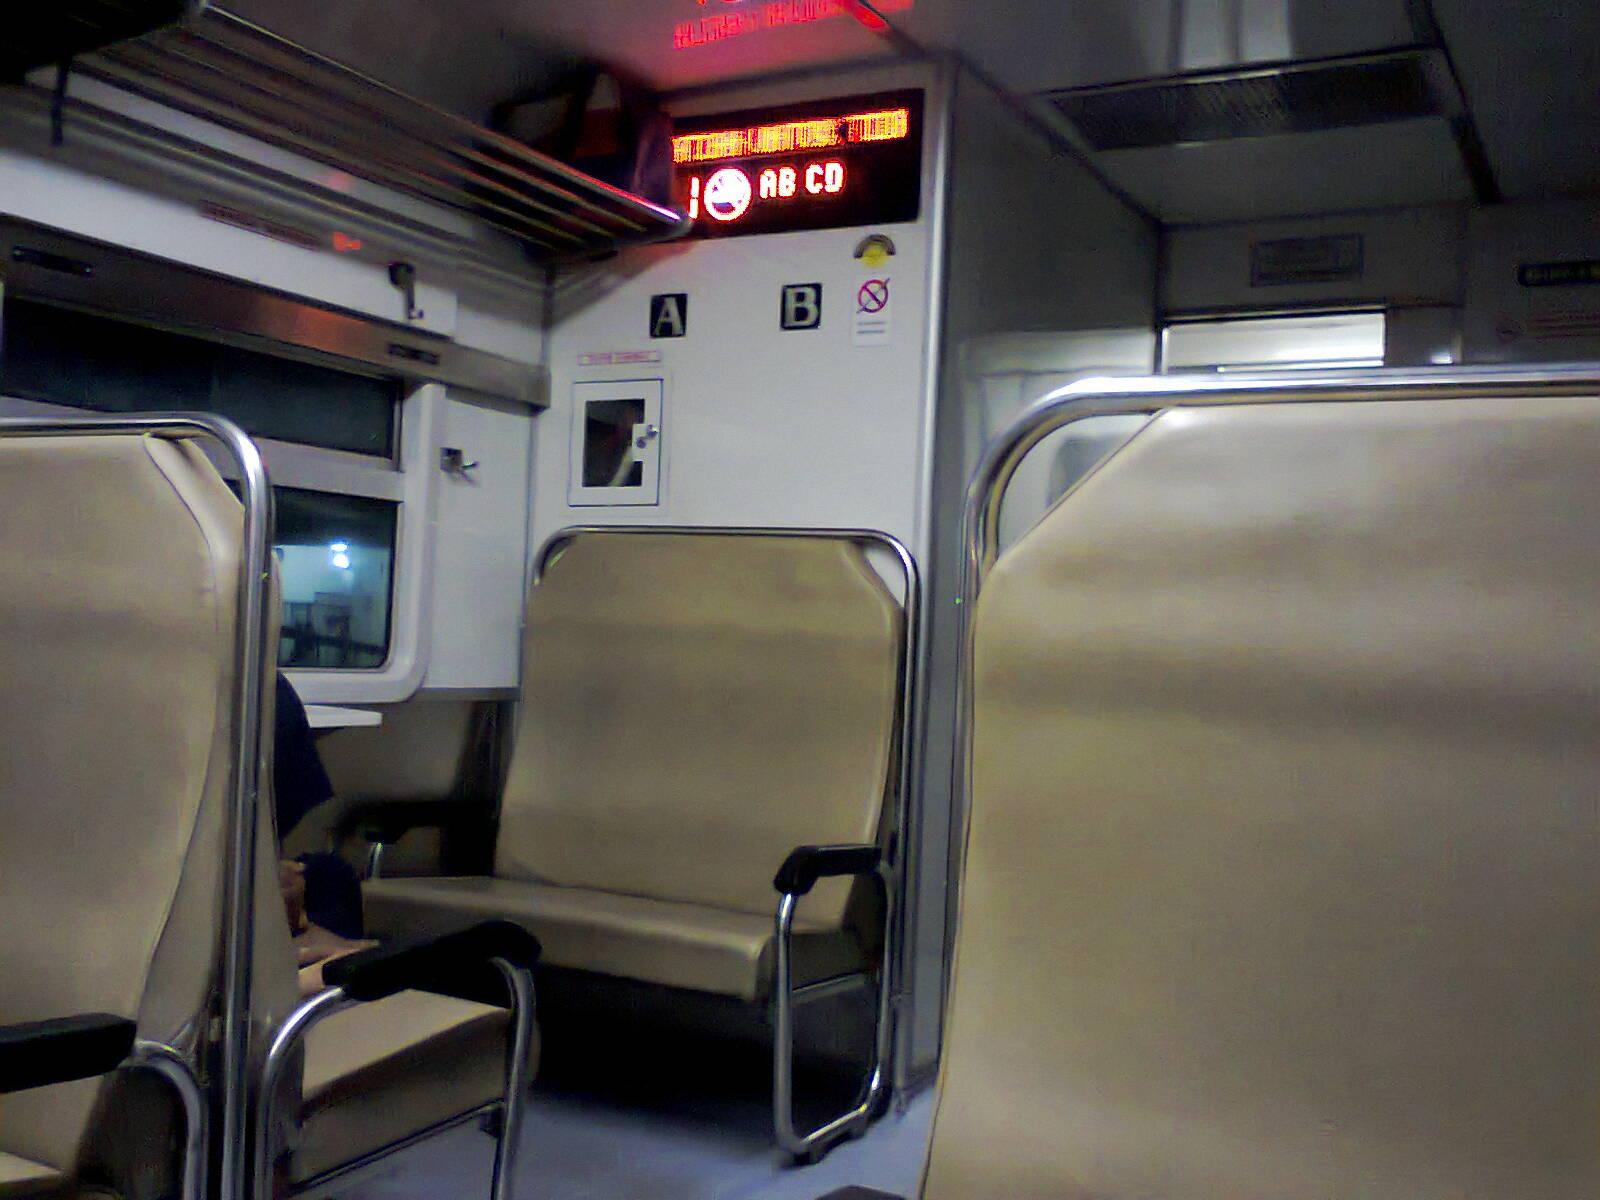 Harga Tiket Kereta Api Ekonomi Jakarta Ke Jogja